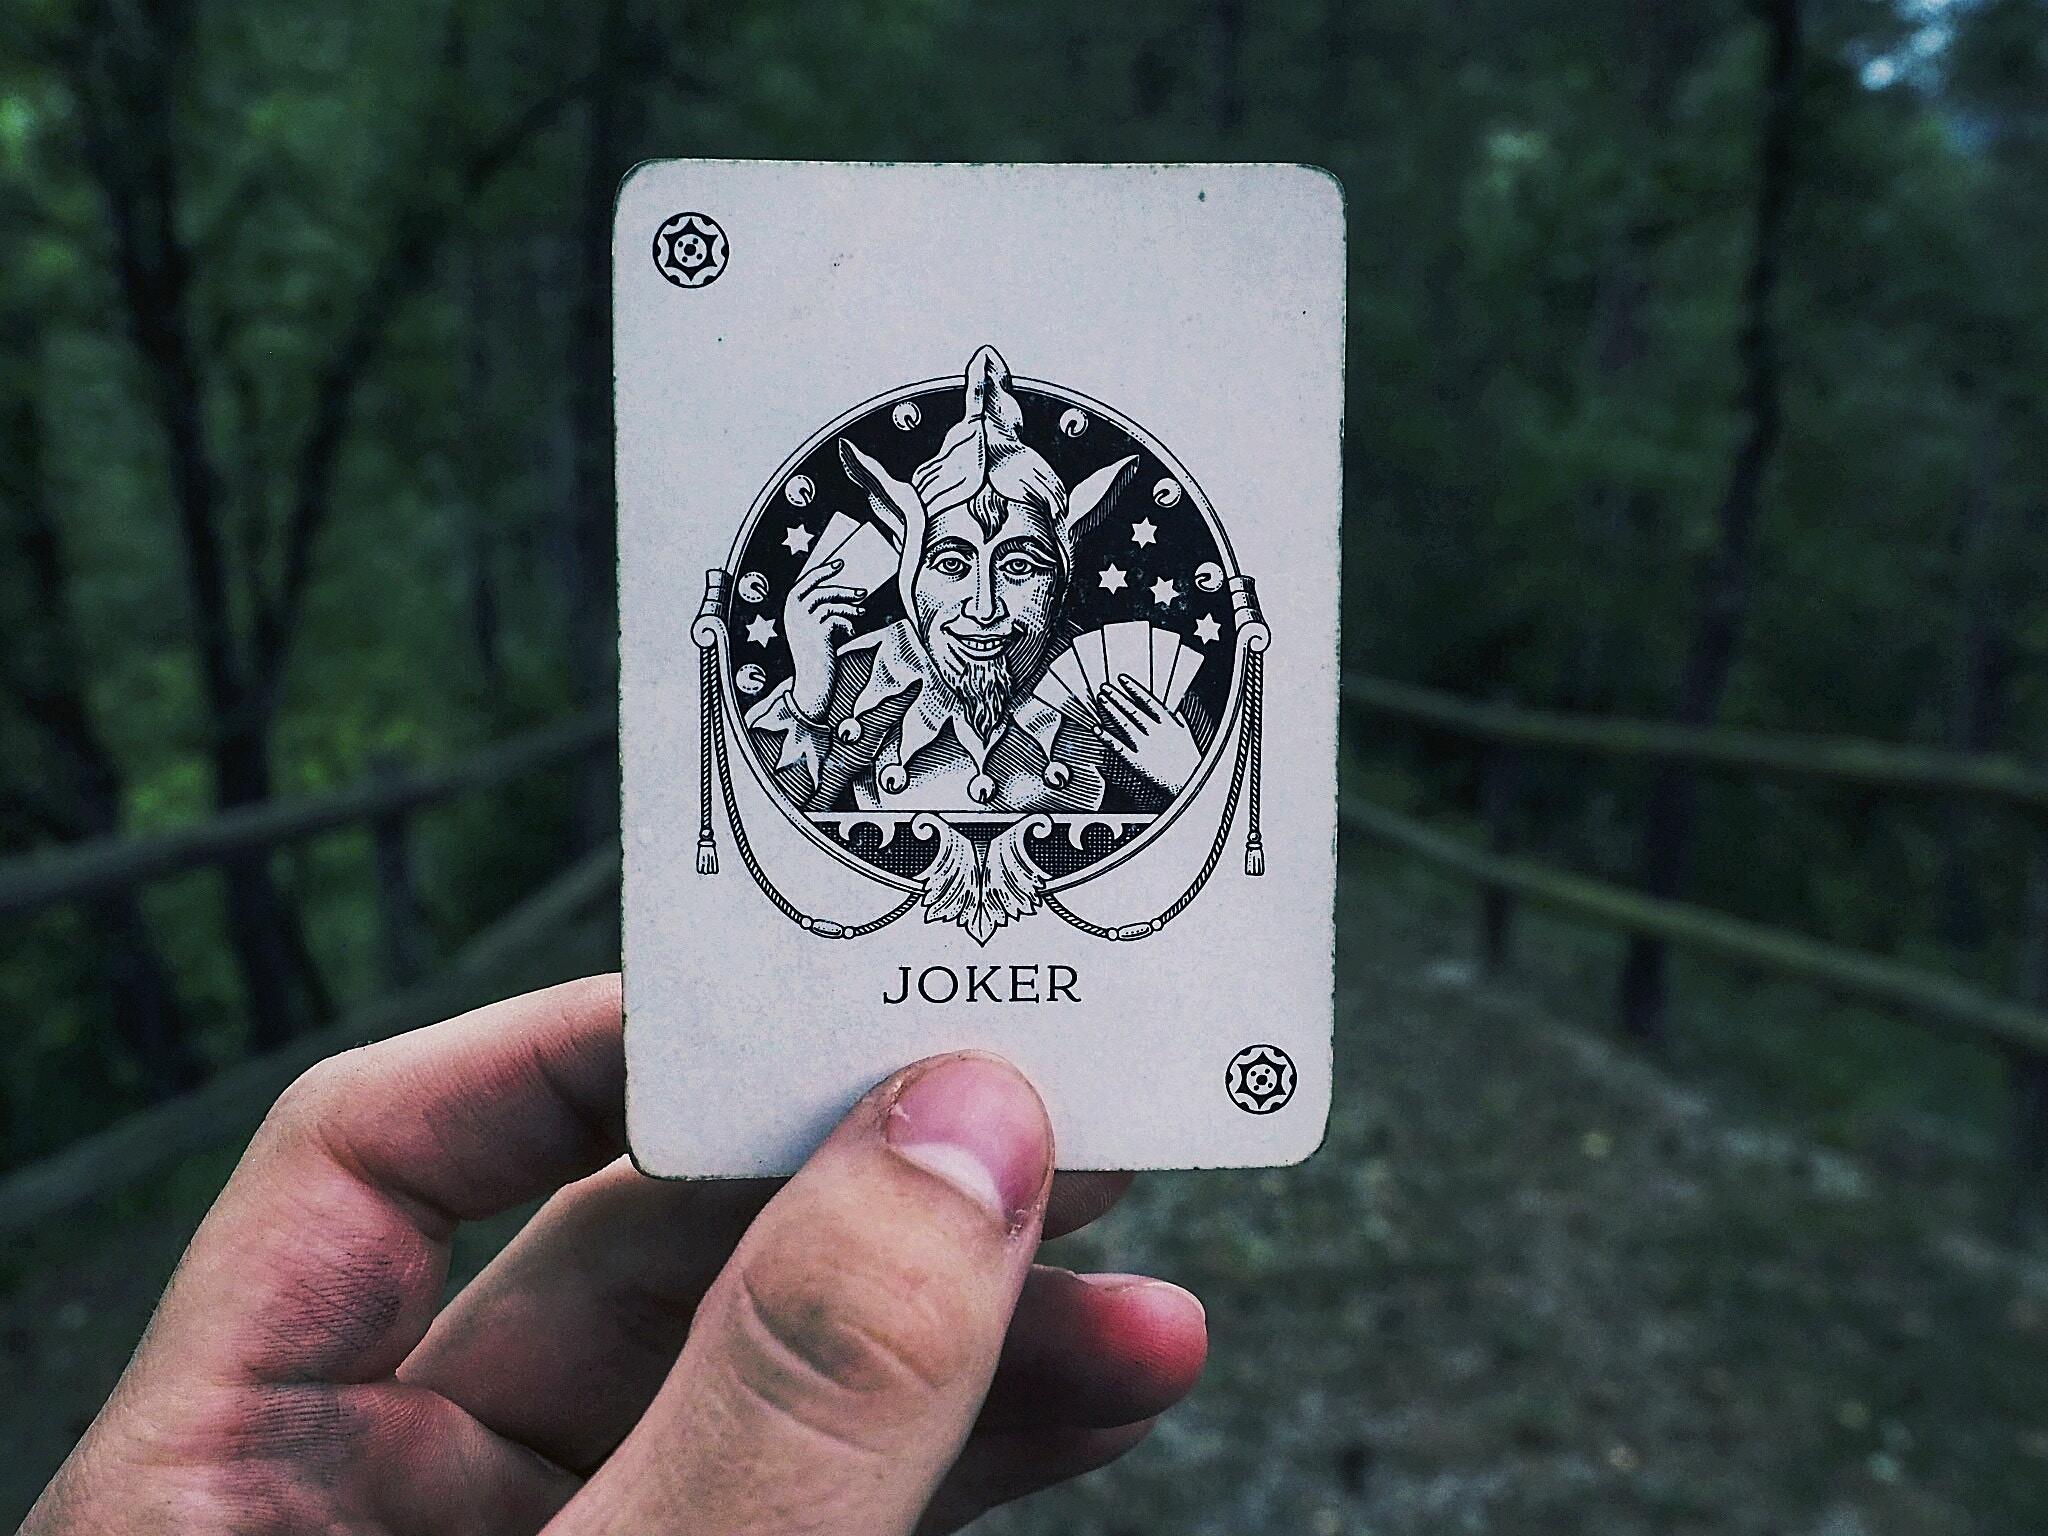 139693 Hintergrundbild herunterladen Joker, Hand, Verschiedenes, Sonstige, Karte - Bildschirmschoner und Bilder kostenlos